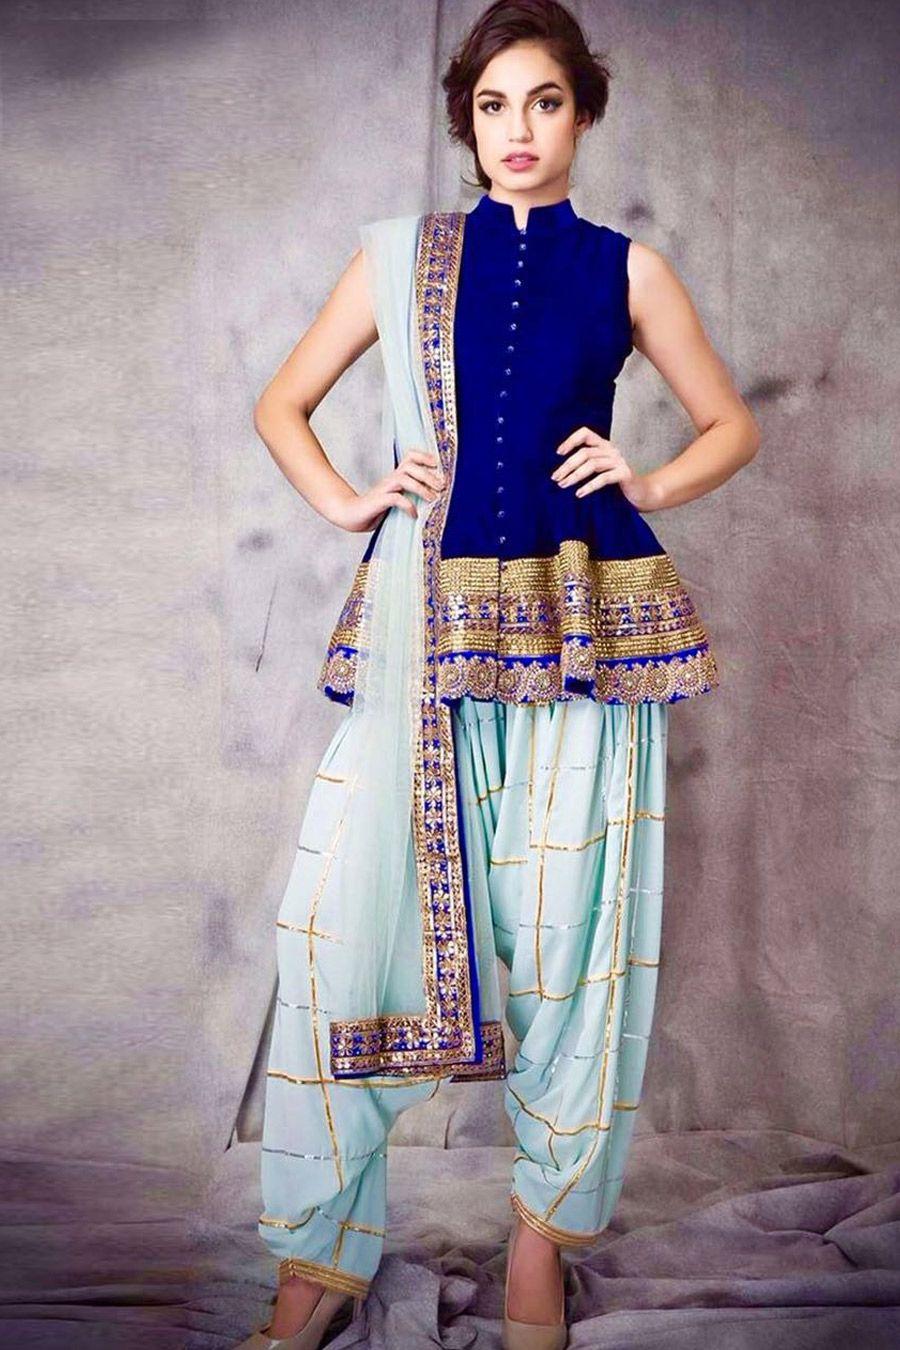 d98cda3a87 Dhoti pants with top   Indian Wear   Latest salwar kameez designs ...